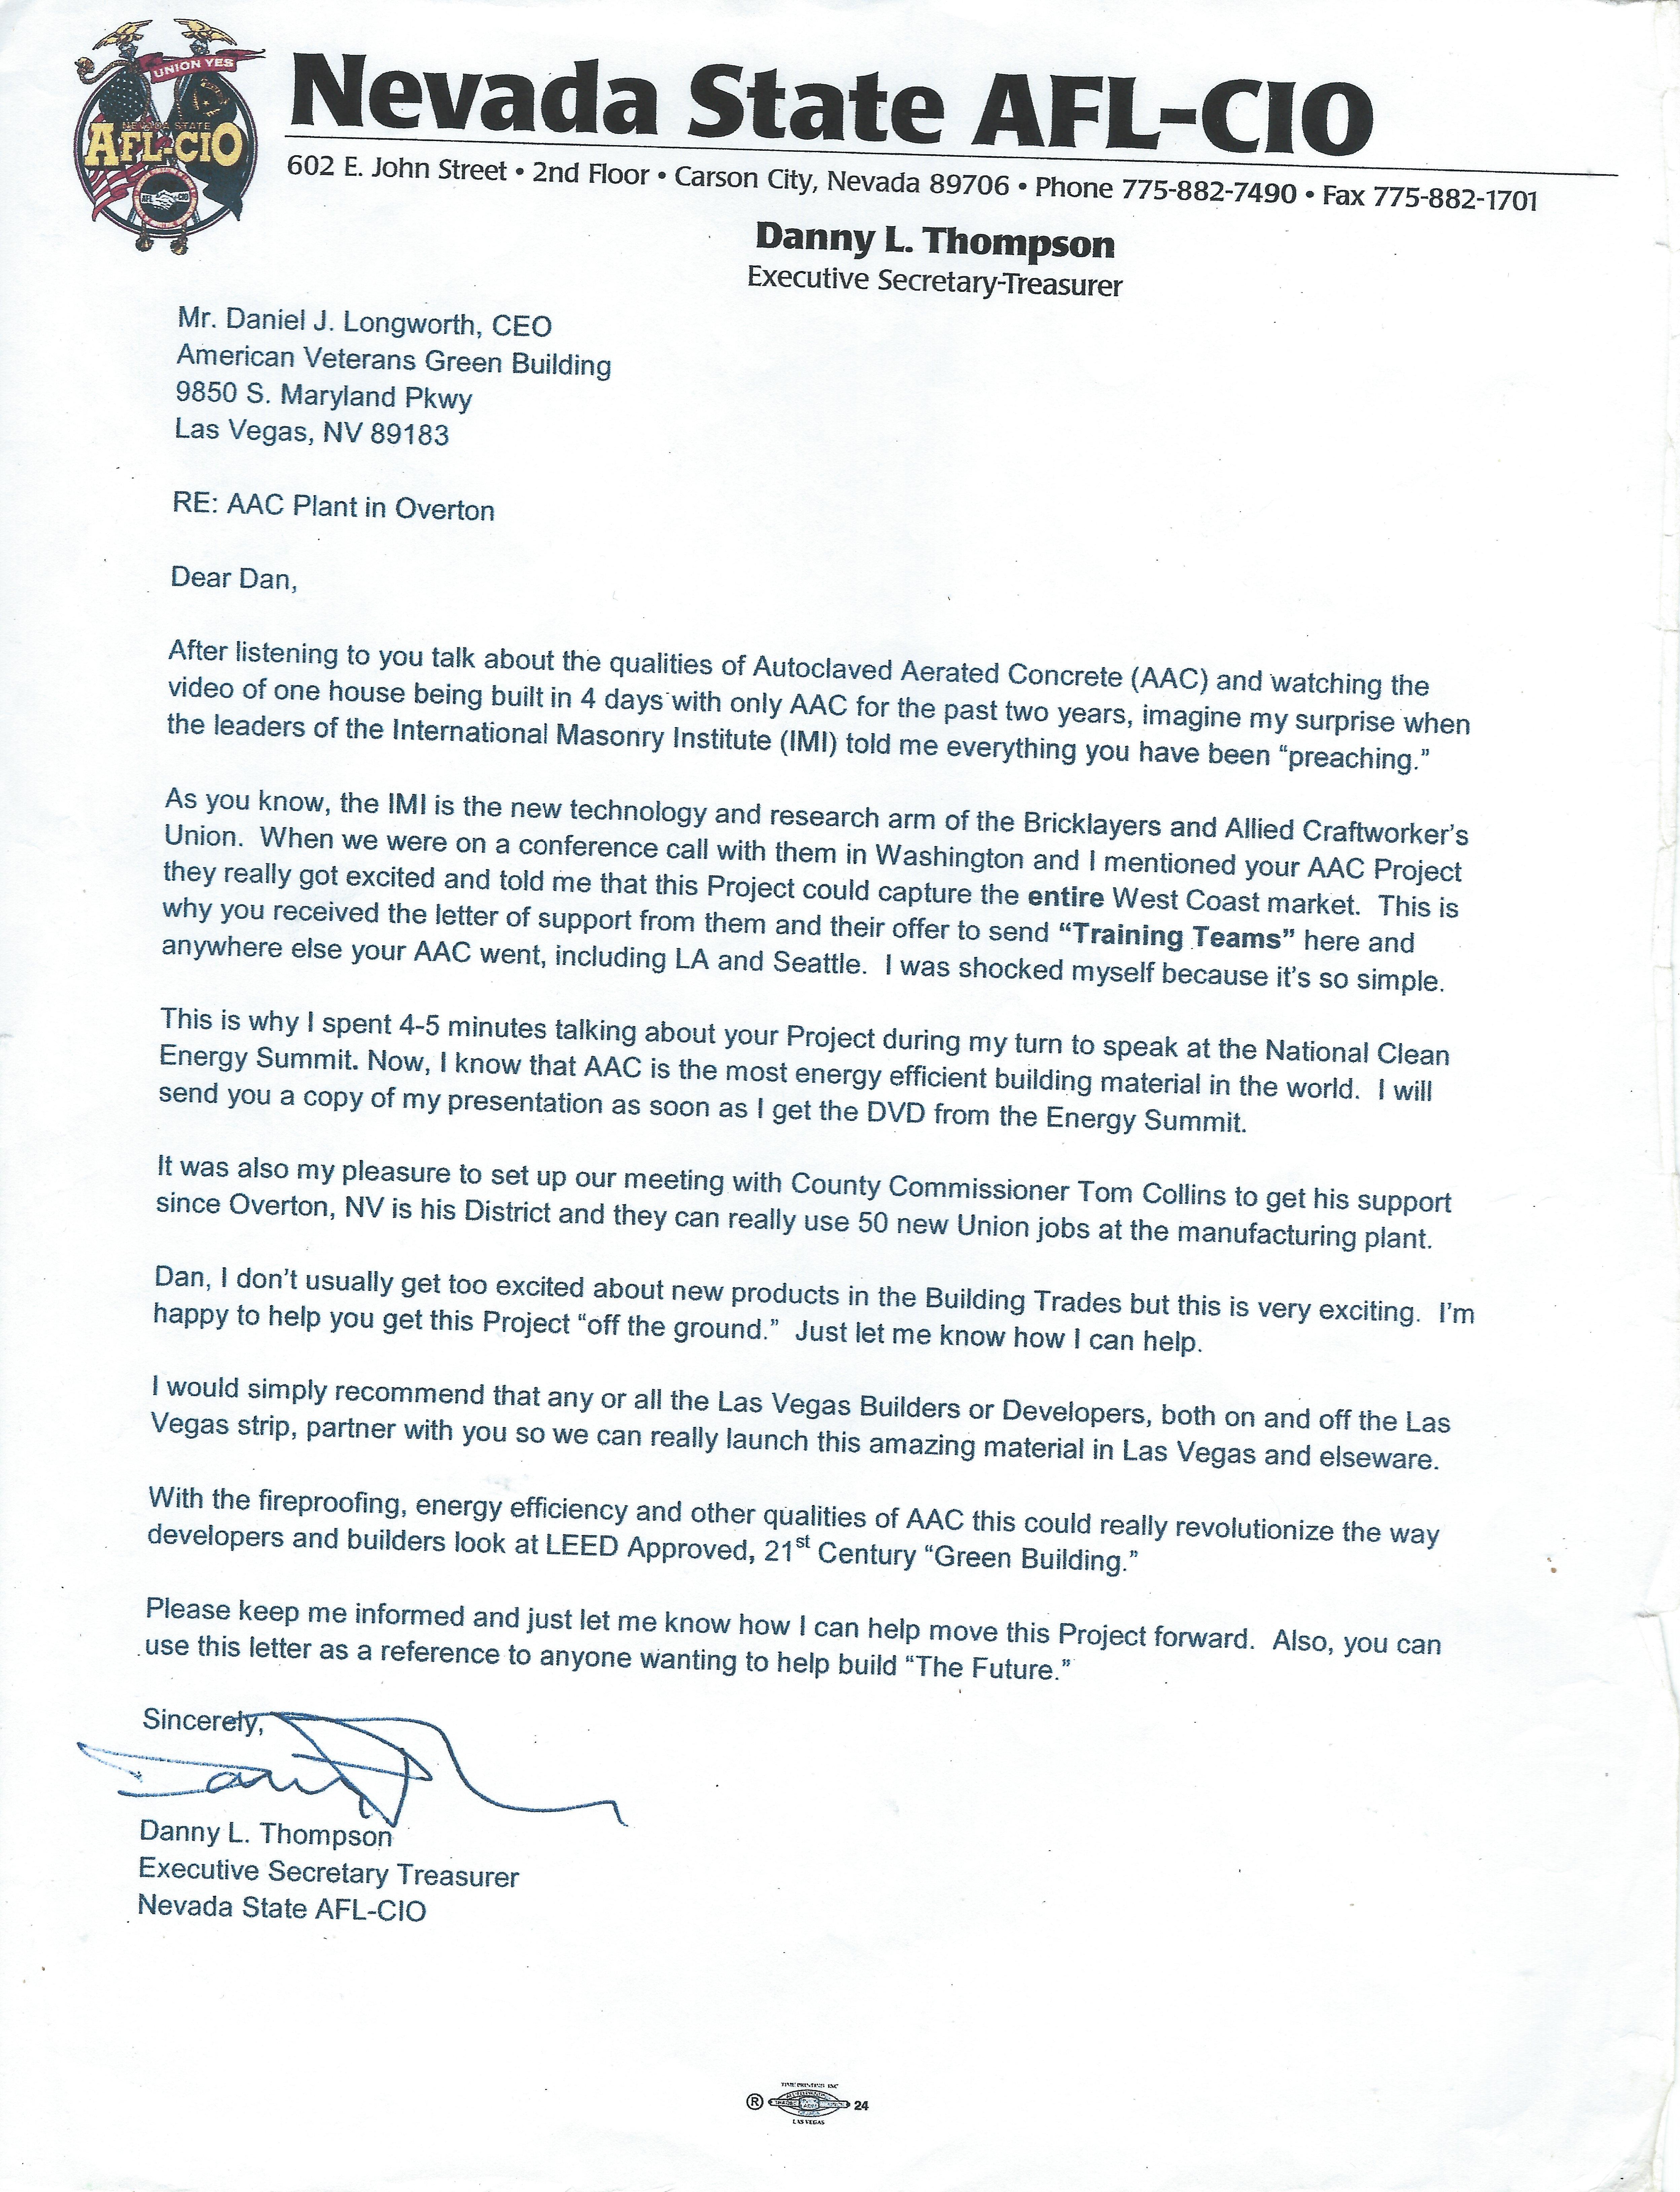 Endorsement Letter- AFL-CIO EX Presi